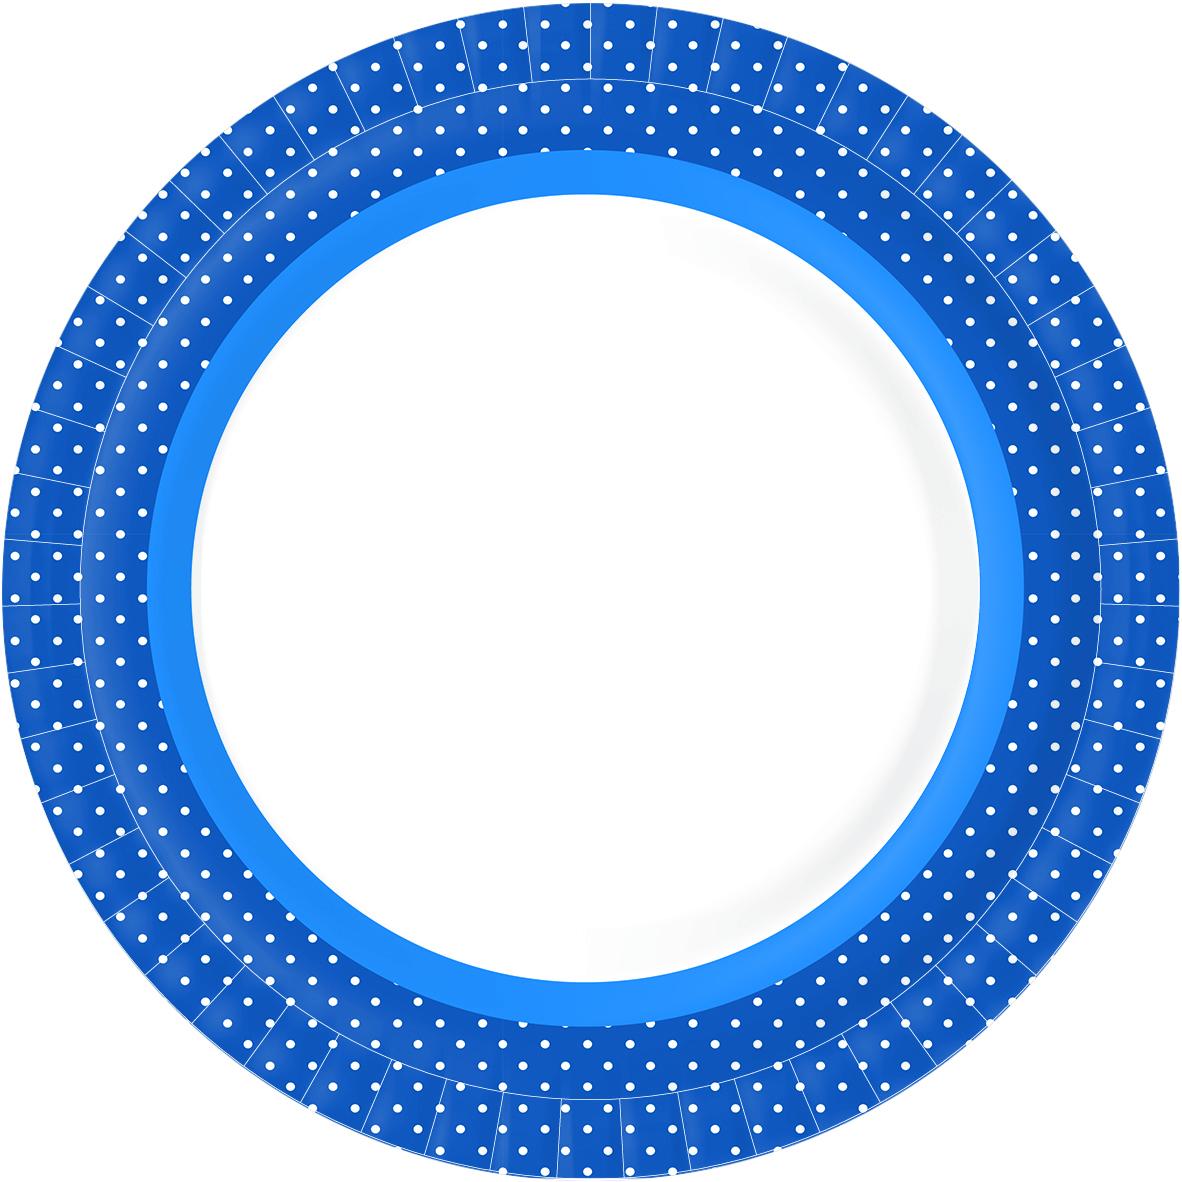 Набор тарелок Duni Bbq Blue Line, бумажные, 22 см , 10 штVT-1520(SR)Еда - одна из важнейших частей нашей жизни. Еда объединяет разных людей. Впечатляющая сервировка стола вдохновит любое застолье и превратит его в запоминающийся момент - для всех чувств, не только вкуса. Duni не только простой производитель салфеток, скатертей, свечек, чашек, тарелок и ножей с вилками. Duni - создатель атмосферы, вдохновения и сюрпризов - все это основные части обеда, ужина, вечеринки или незабываемого пикника.Используя современные инновации, скандинавский дизайн и опыт накопленный столетиями, мы сделаем вашу трапезу незабываемым праздником. Тарелки изготовлены из плотной бумаги.В комплект входят 10 тарелок Bbq Blue Line.Диаметр: 22 см.